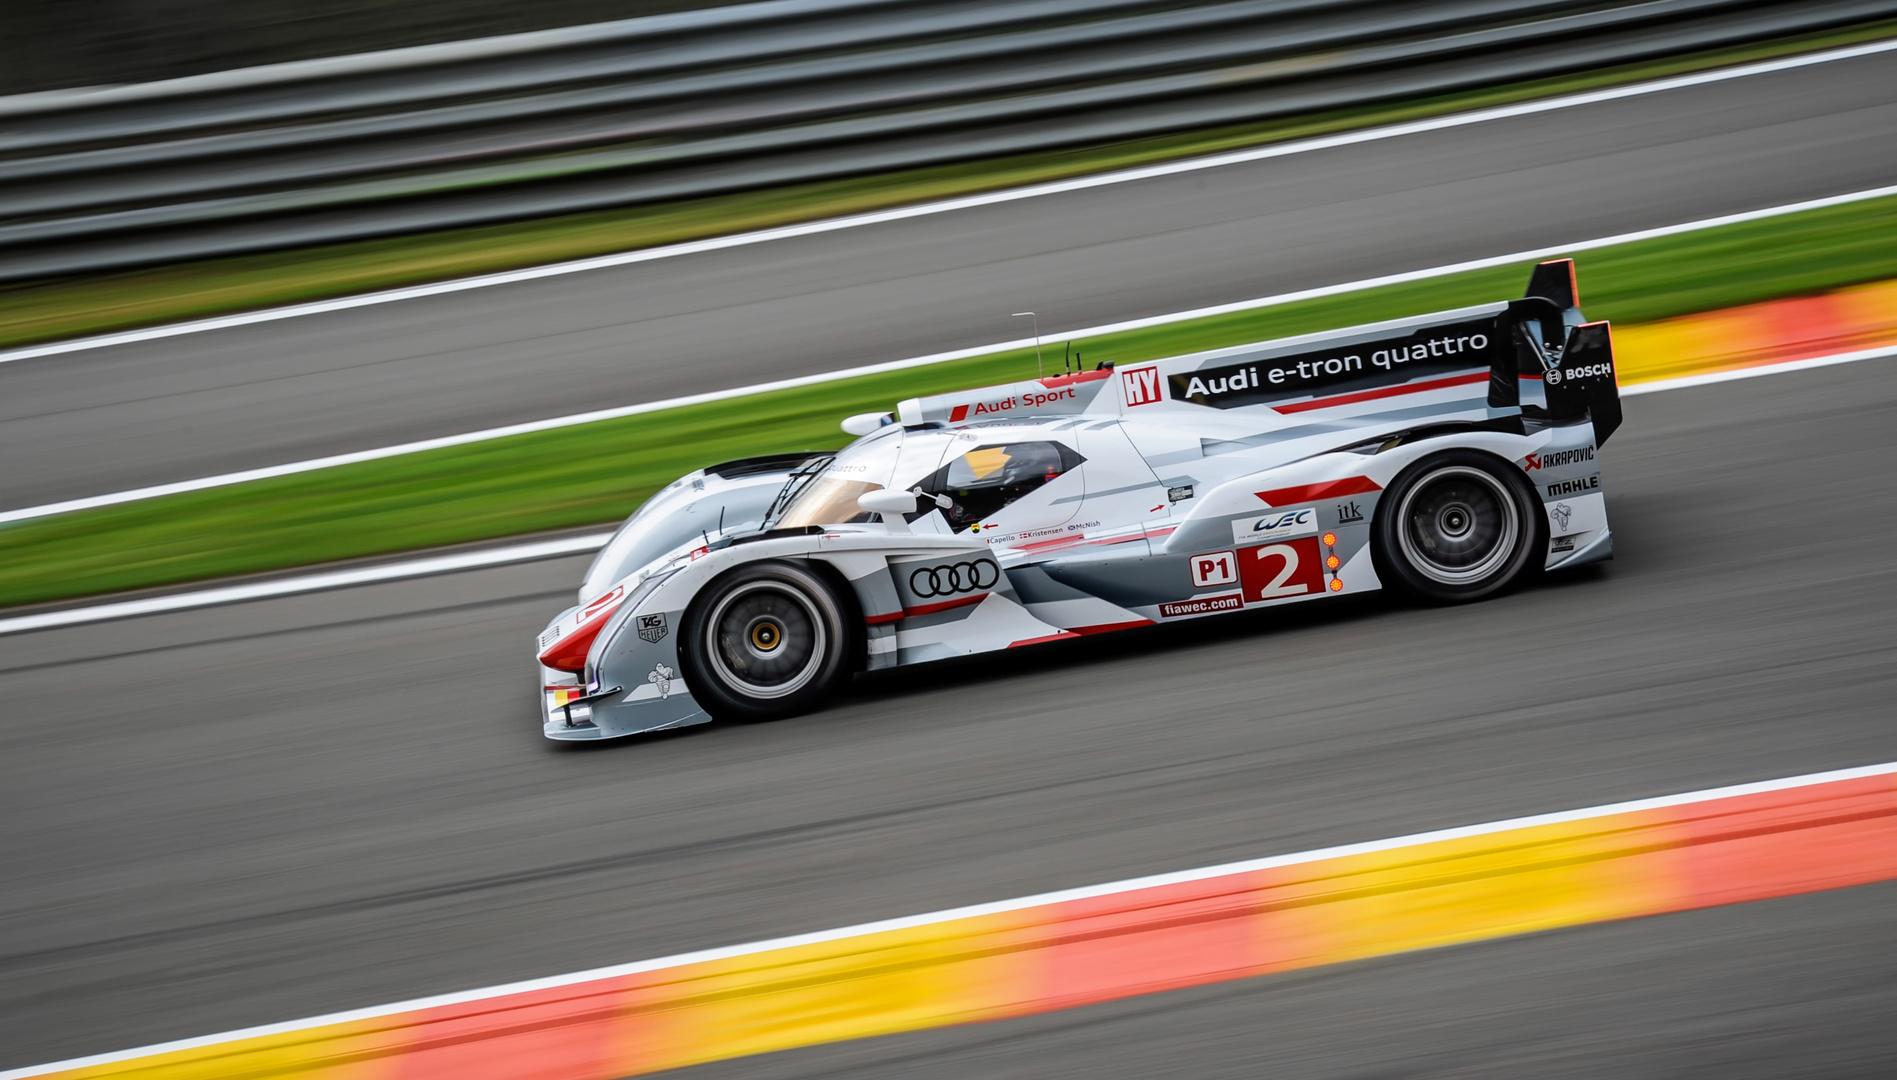 Spa-Francorchamps / WEC 6 Heures / 2012 / Audi R18 e-tron quattro